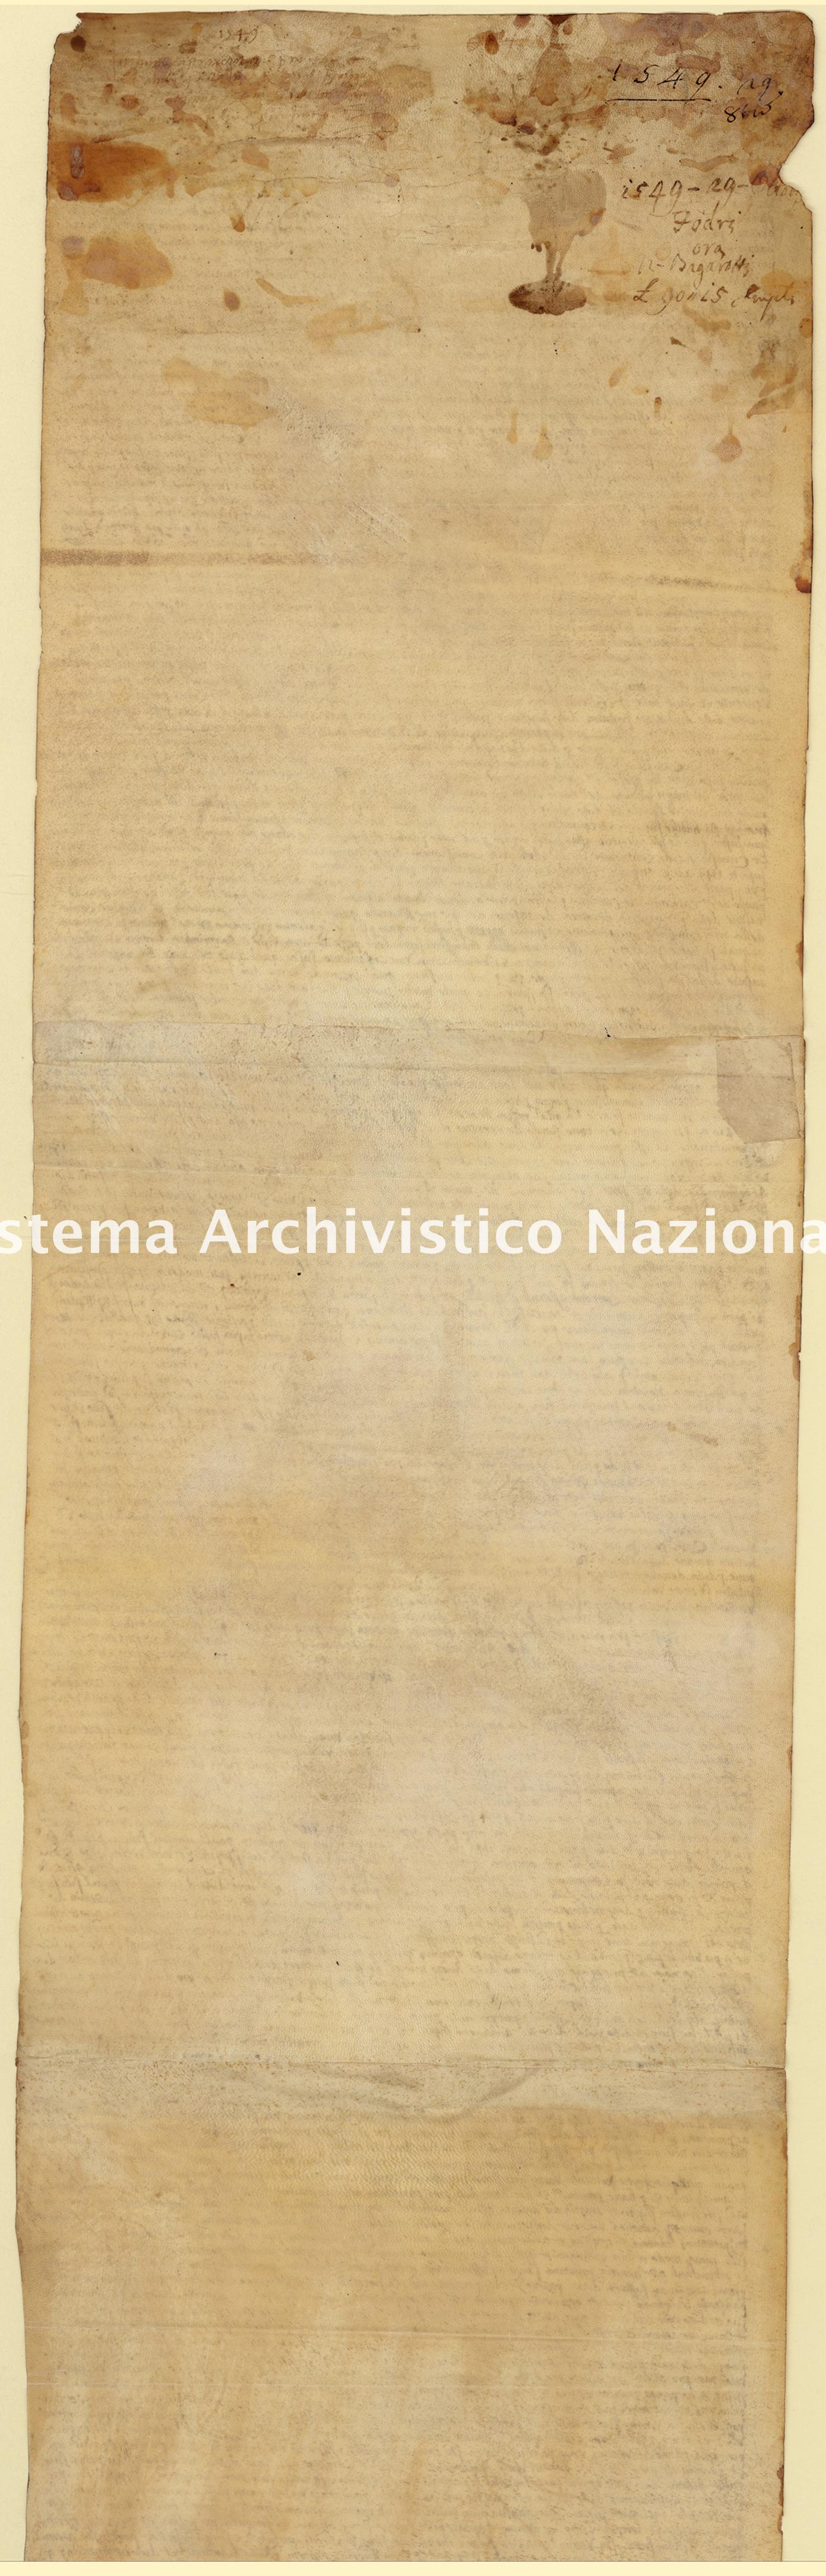 Archivio di Stato di Palermo, Diplomatico, Tabulario del monastero di San Martino delle Scale, Pergamena TSMS 1201